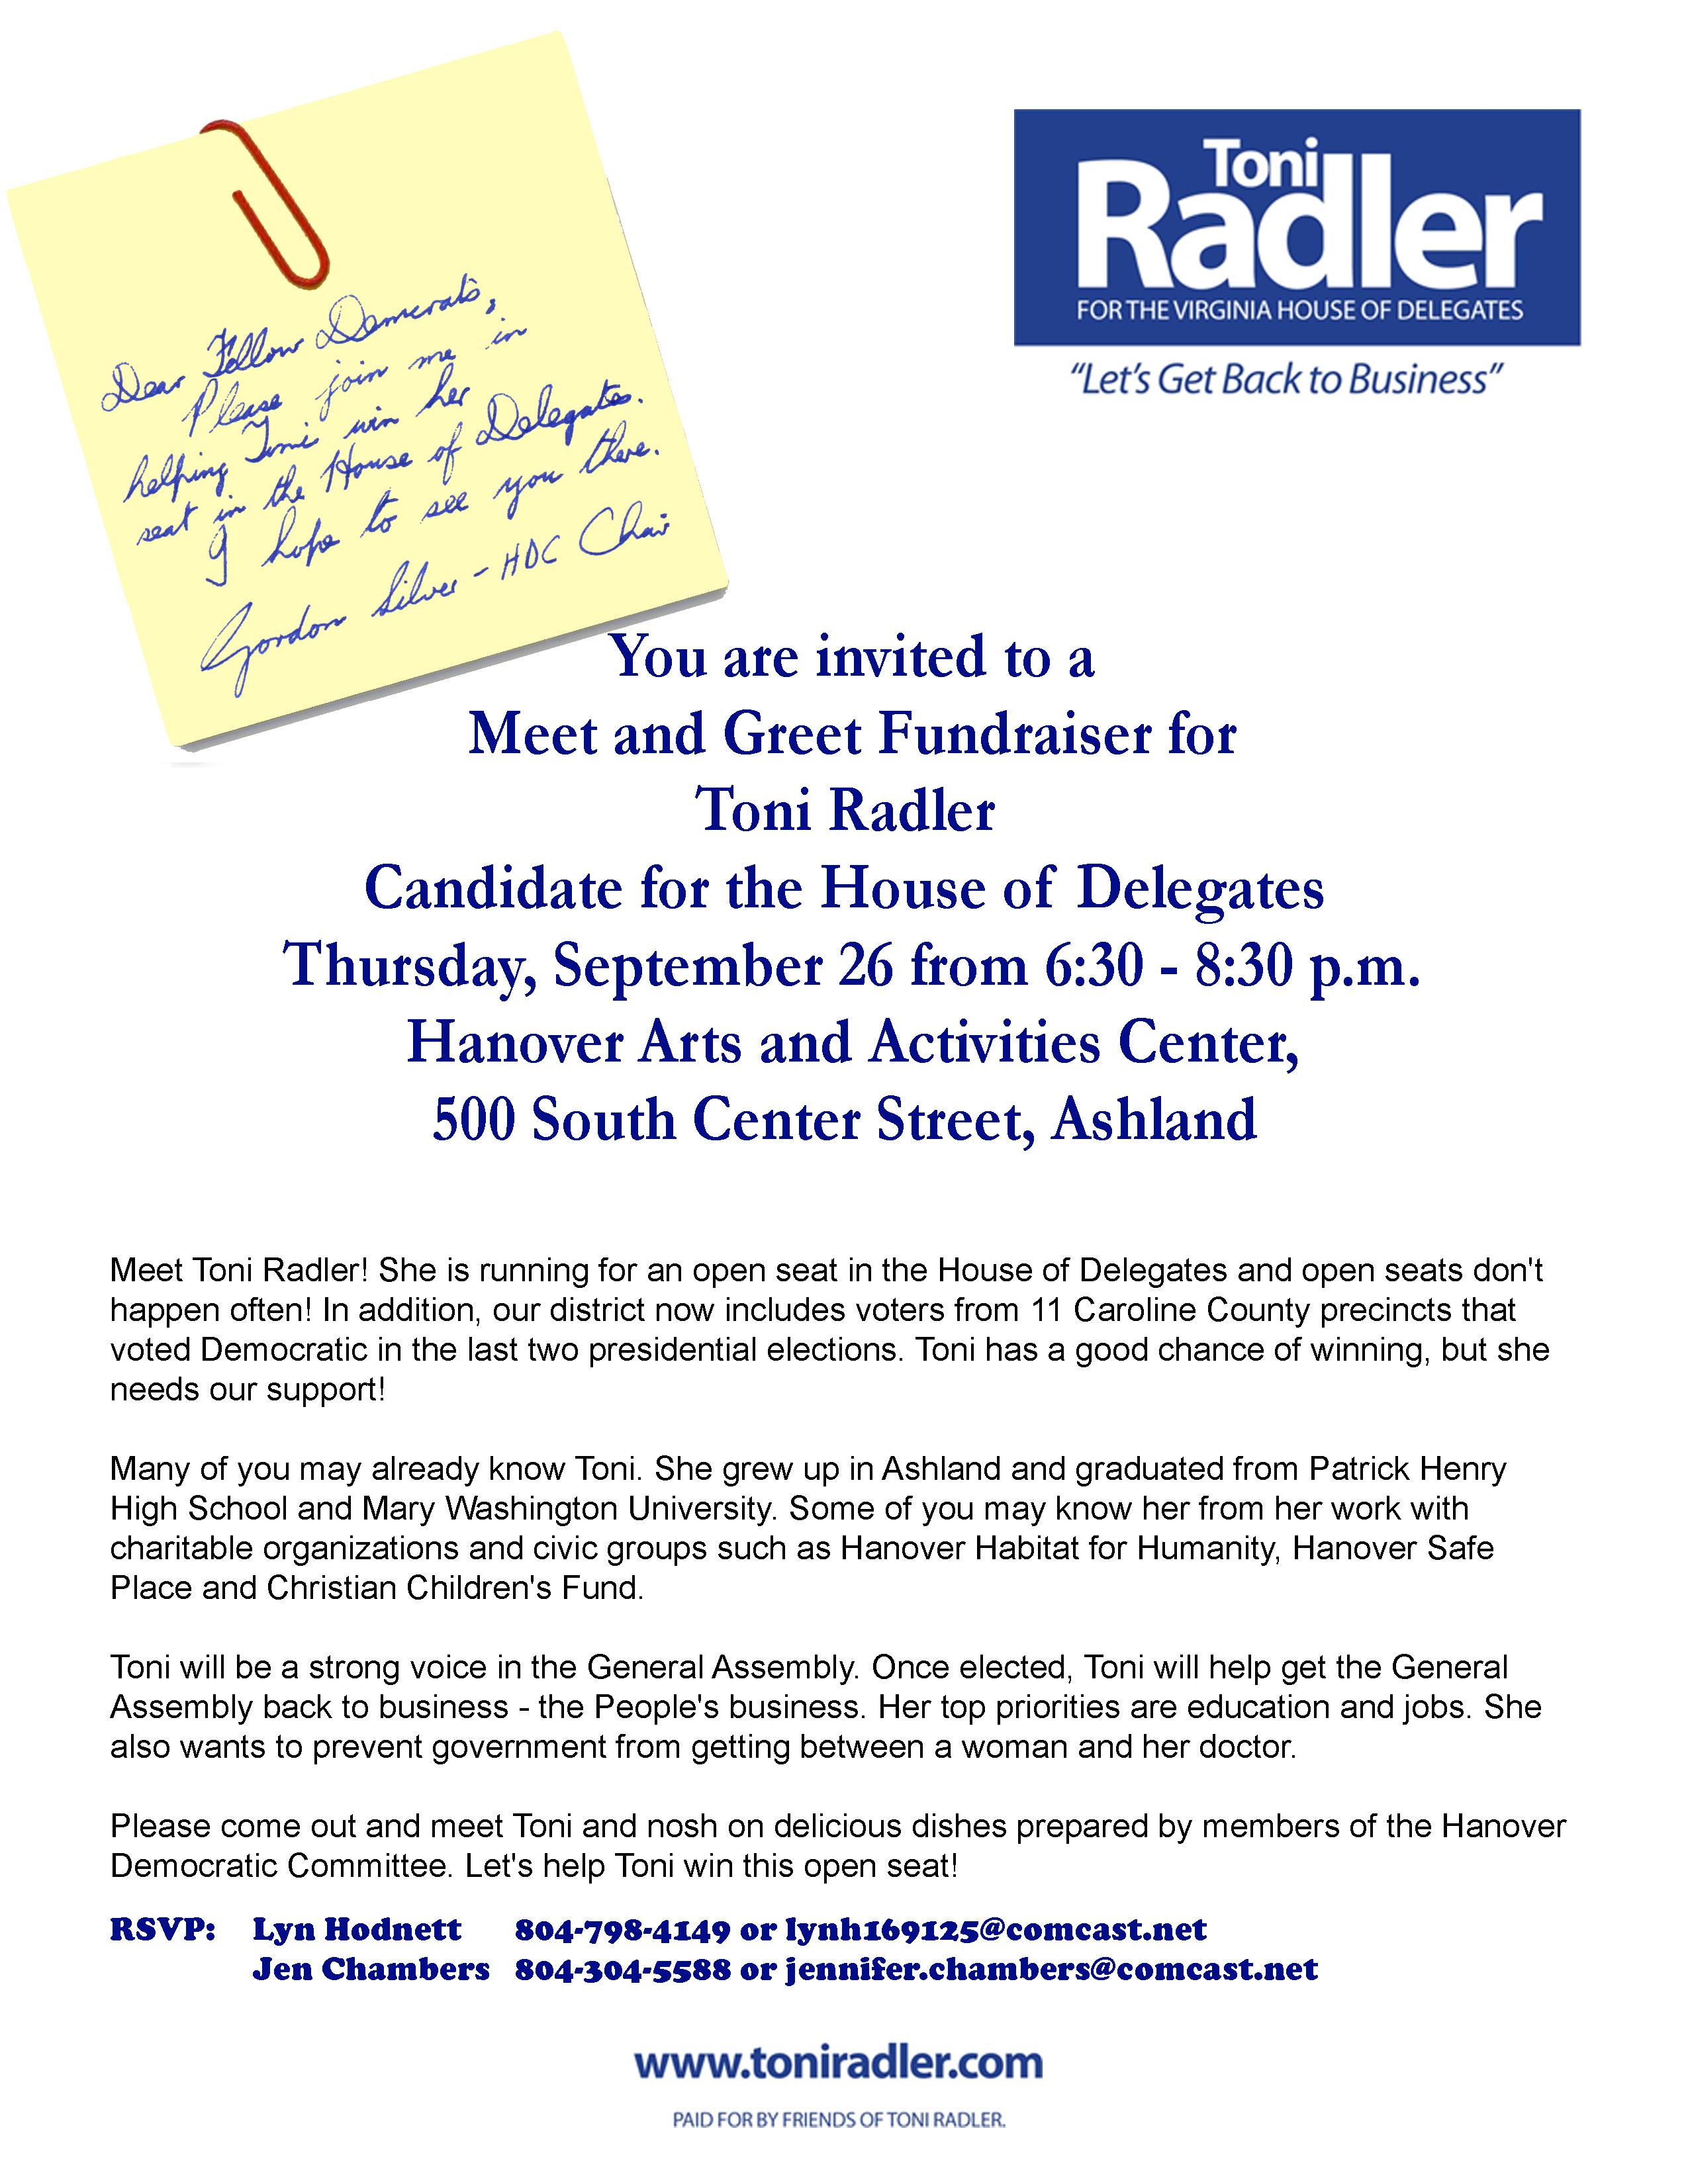 Ashland Arts Invite